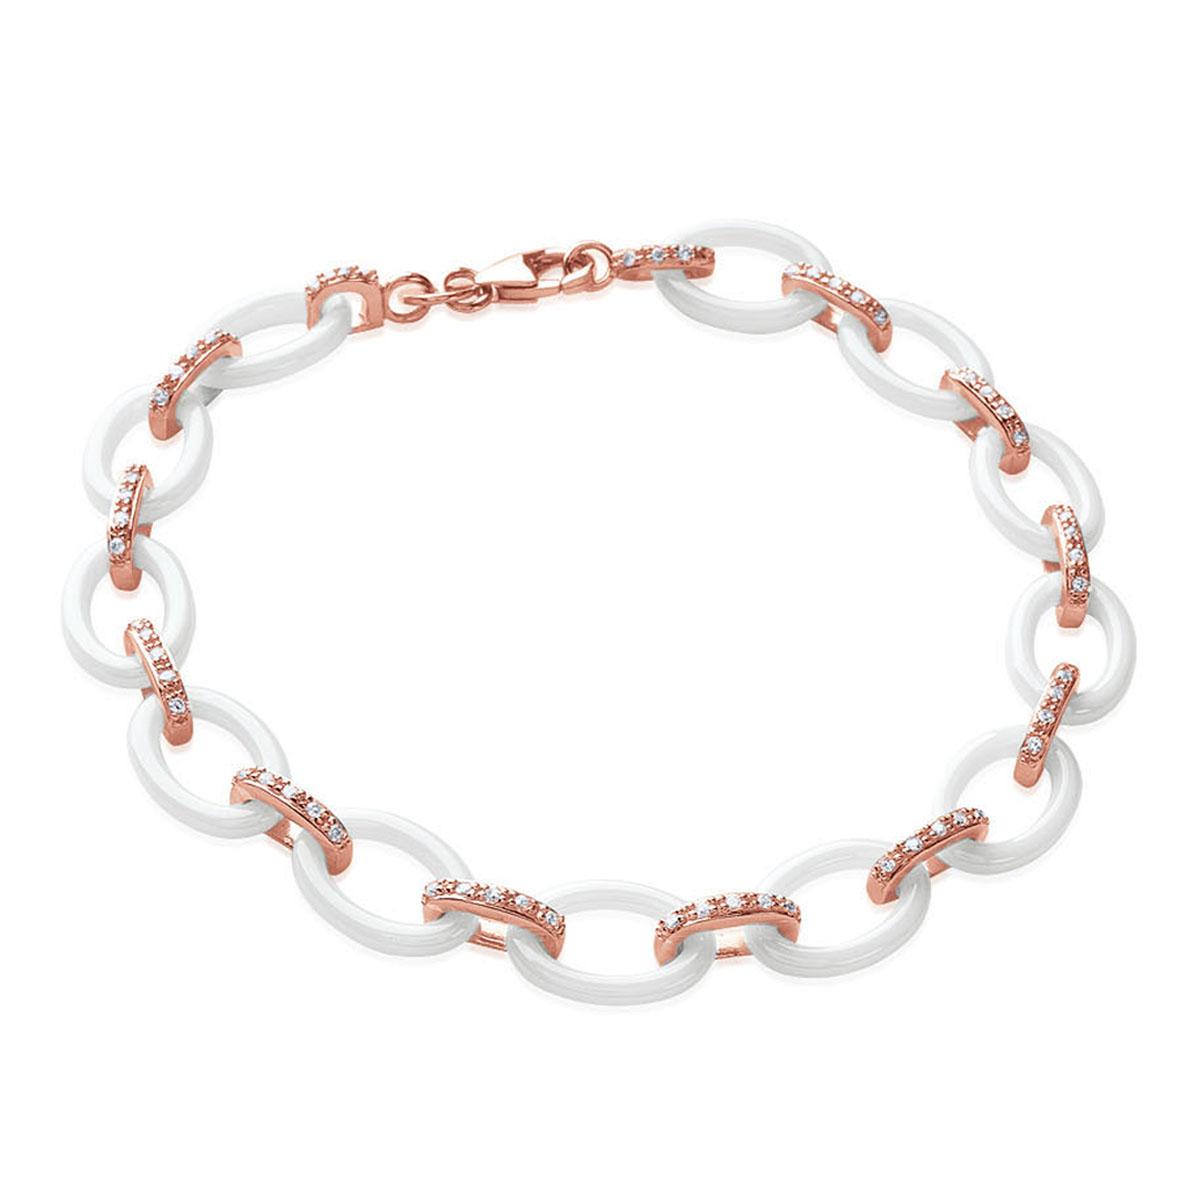 Bracelet Plaqué or \'Sissi\' blanc doré rosé - 18 cm 8 mm - [L6315]